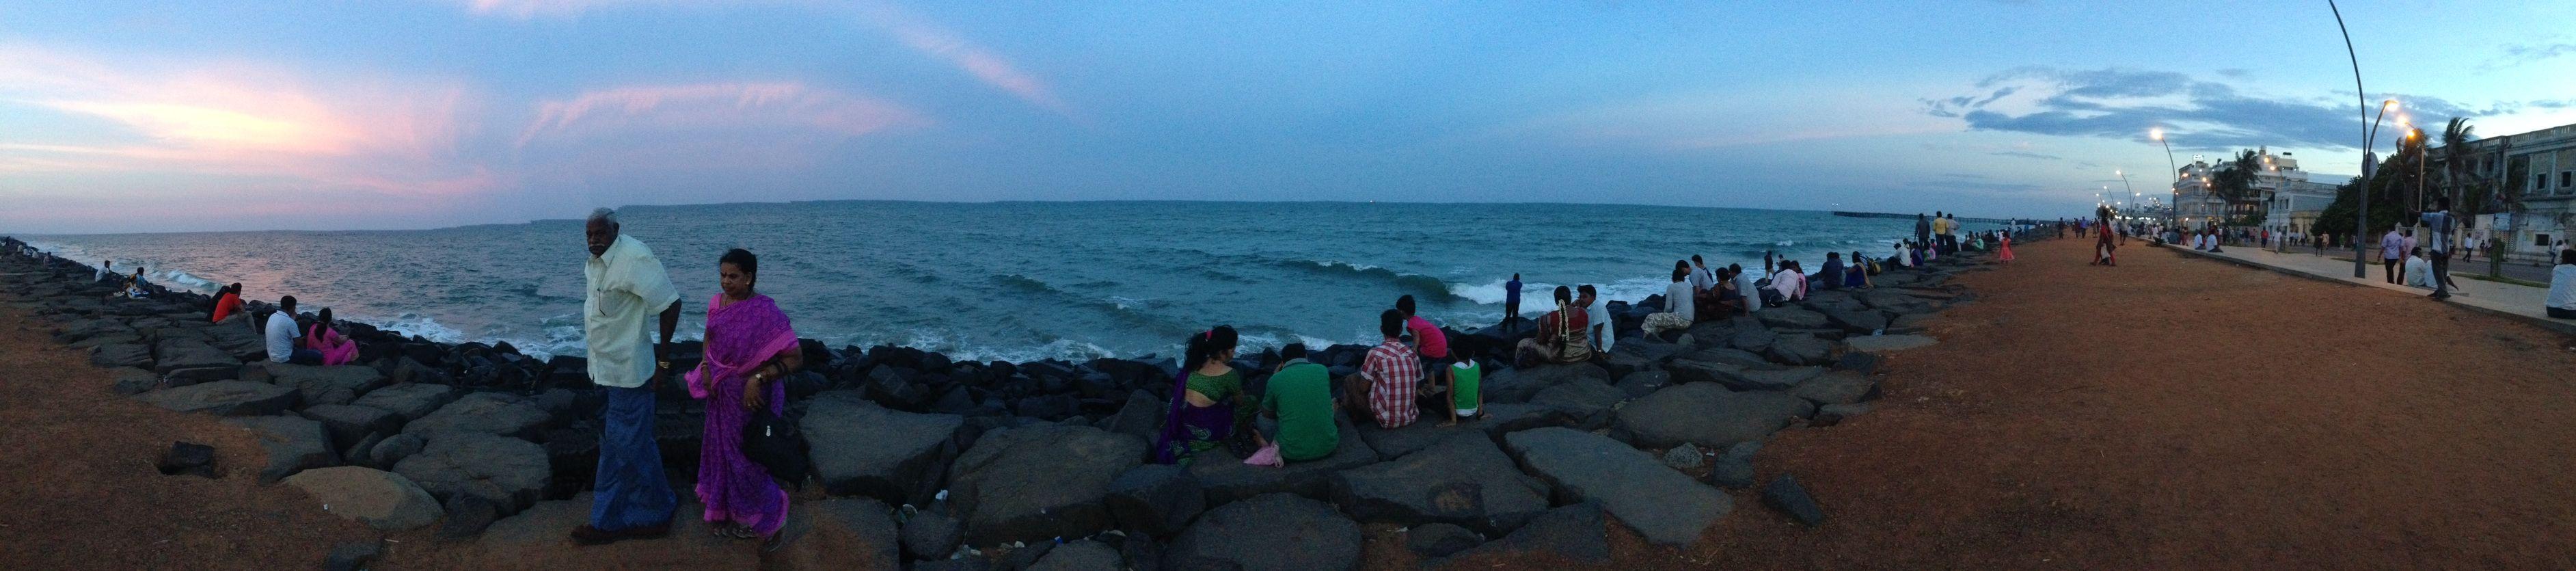 Precioso atardecer en Pondicherry. Y recuerdos imborrables.